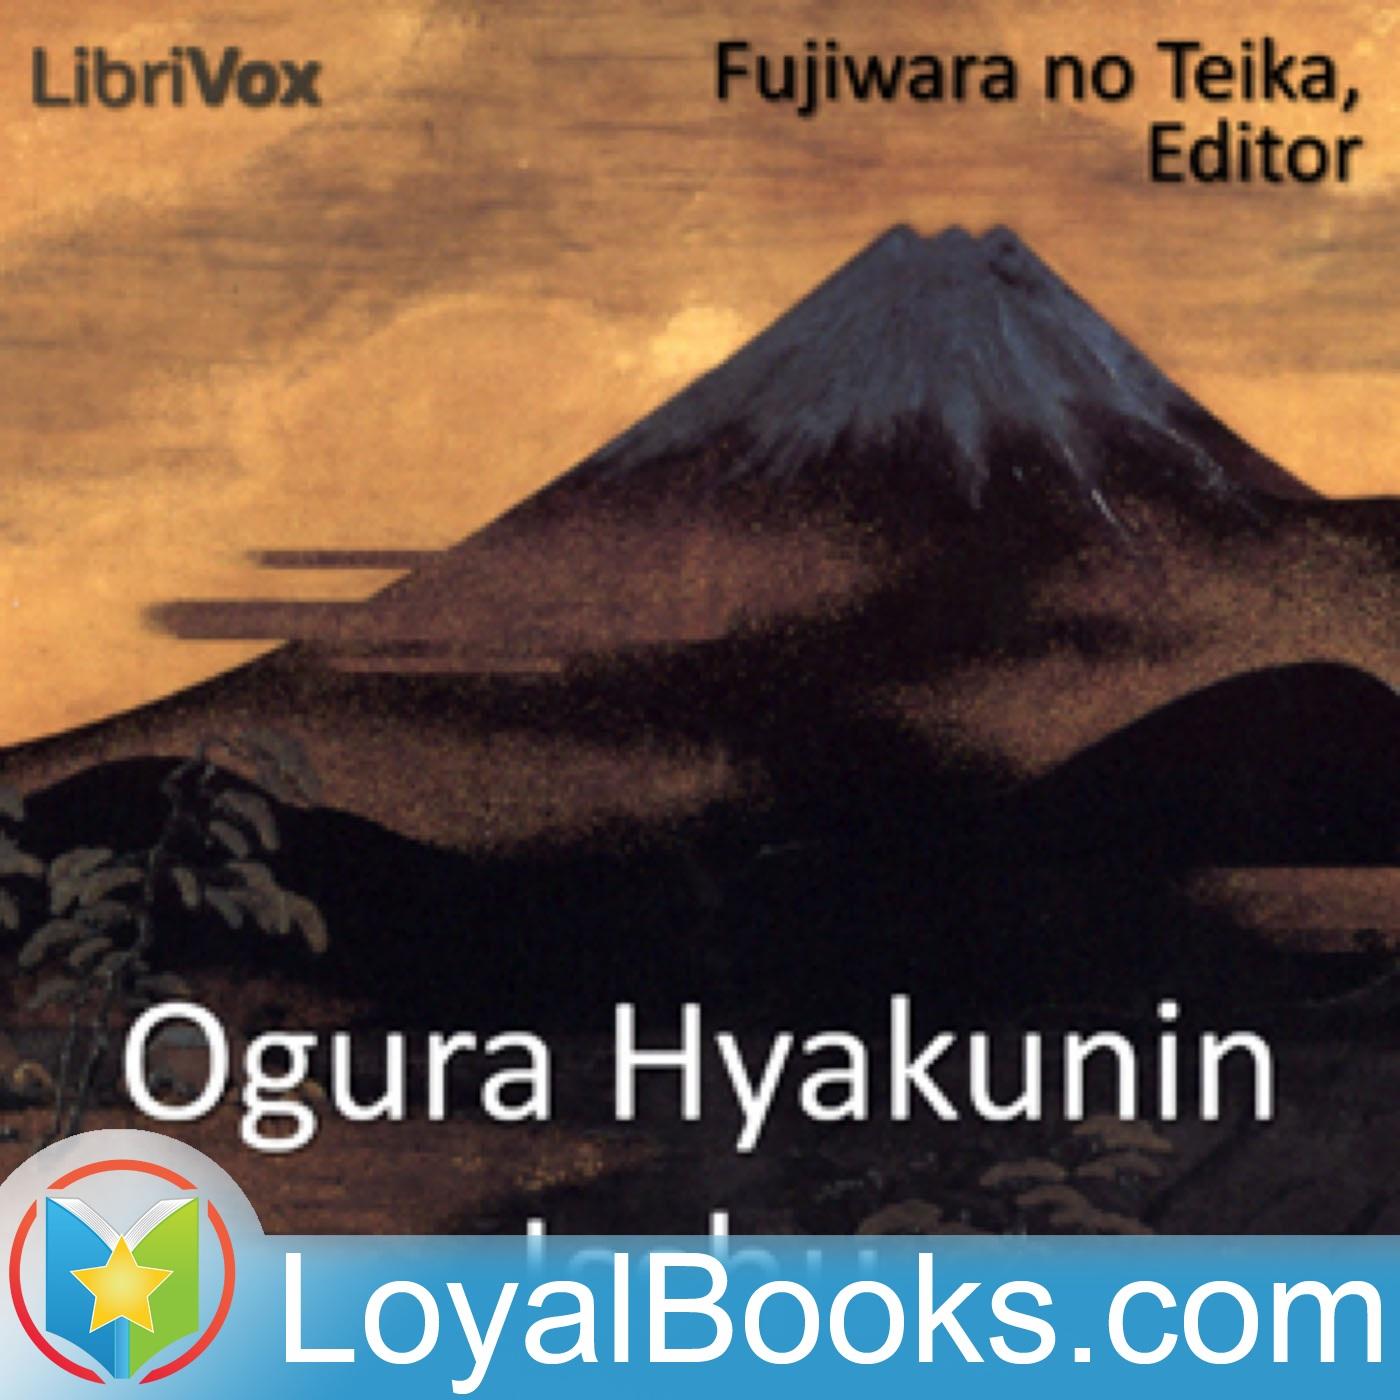 <![CDATA[Ogura Hyakunin Isshu by Fujiwara no Teika]]>